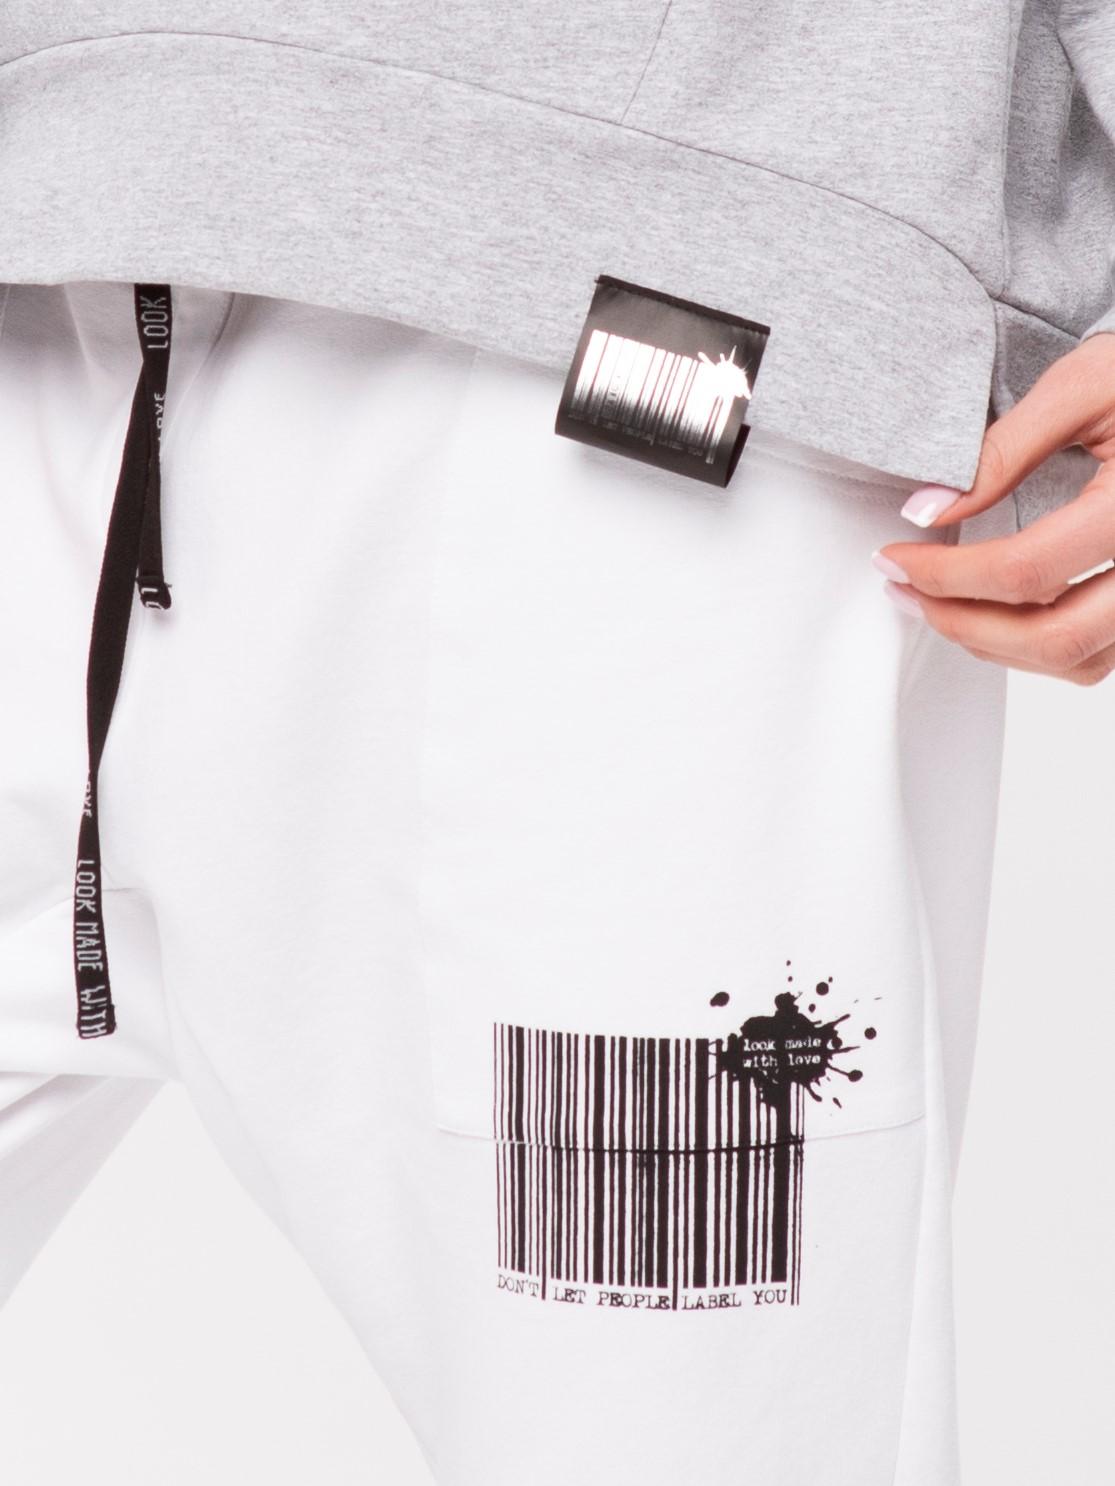 Spodnie dresowe z nadrukiem Kod Look 212 - LOOK made with Love   JestemSlow.pl